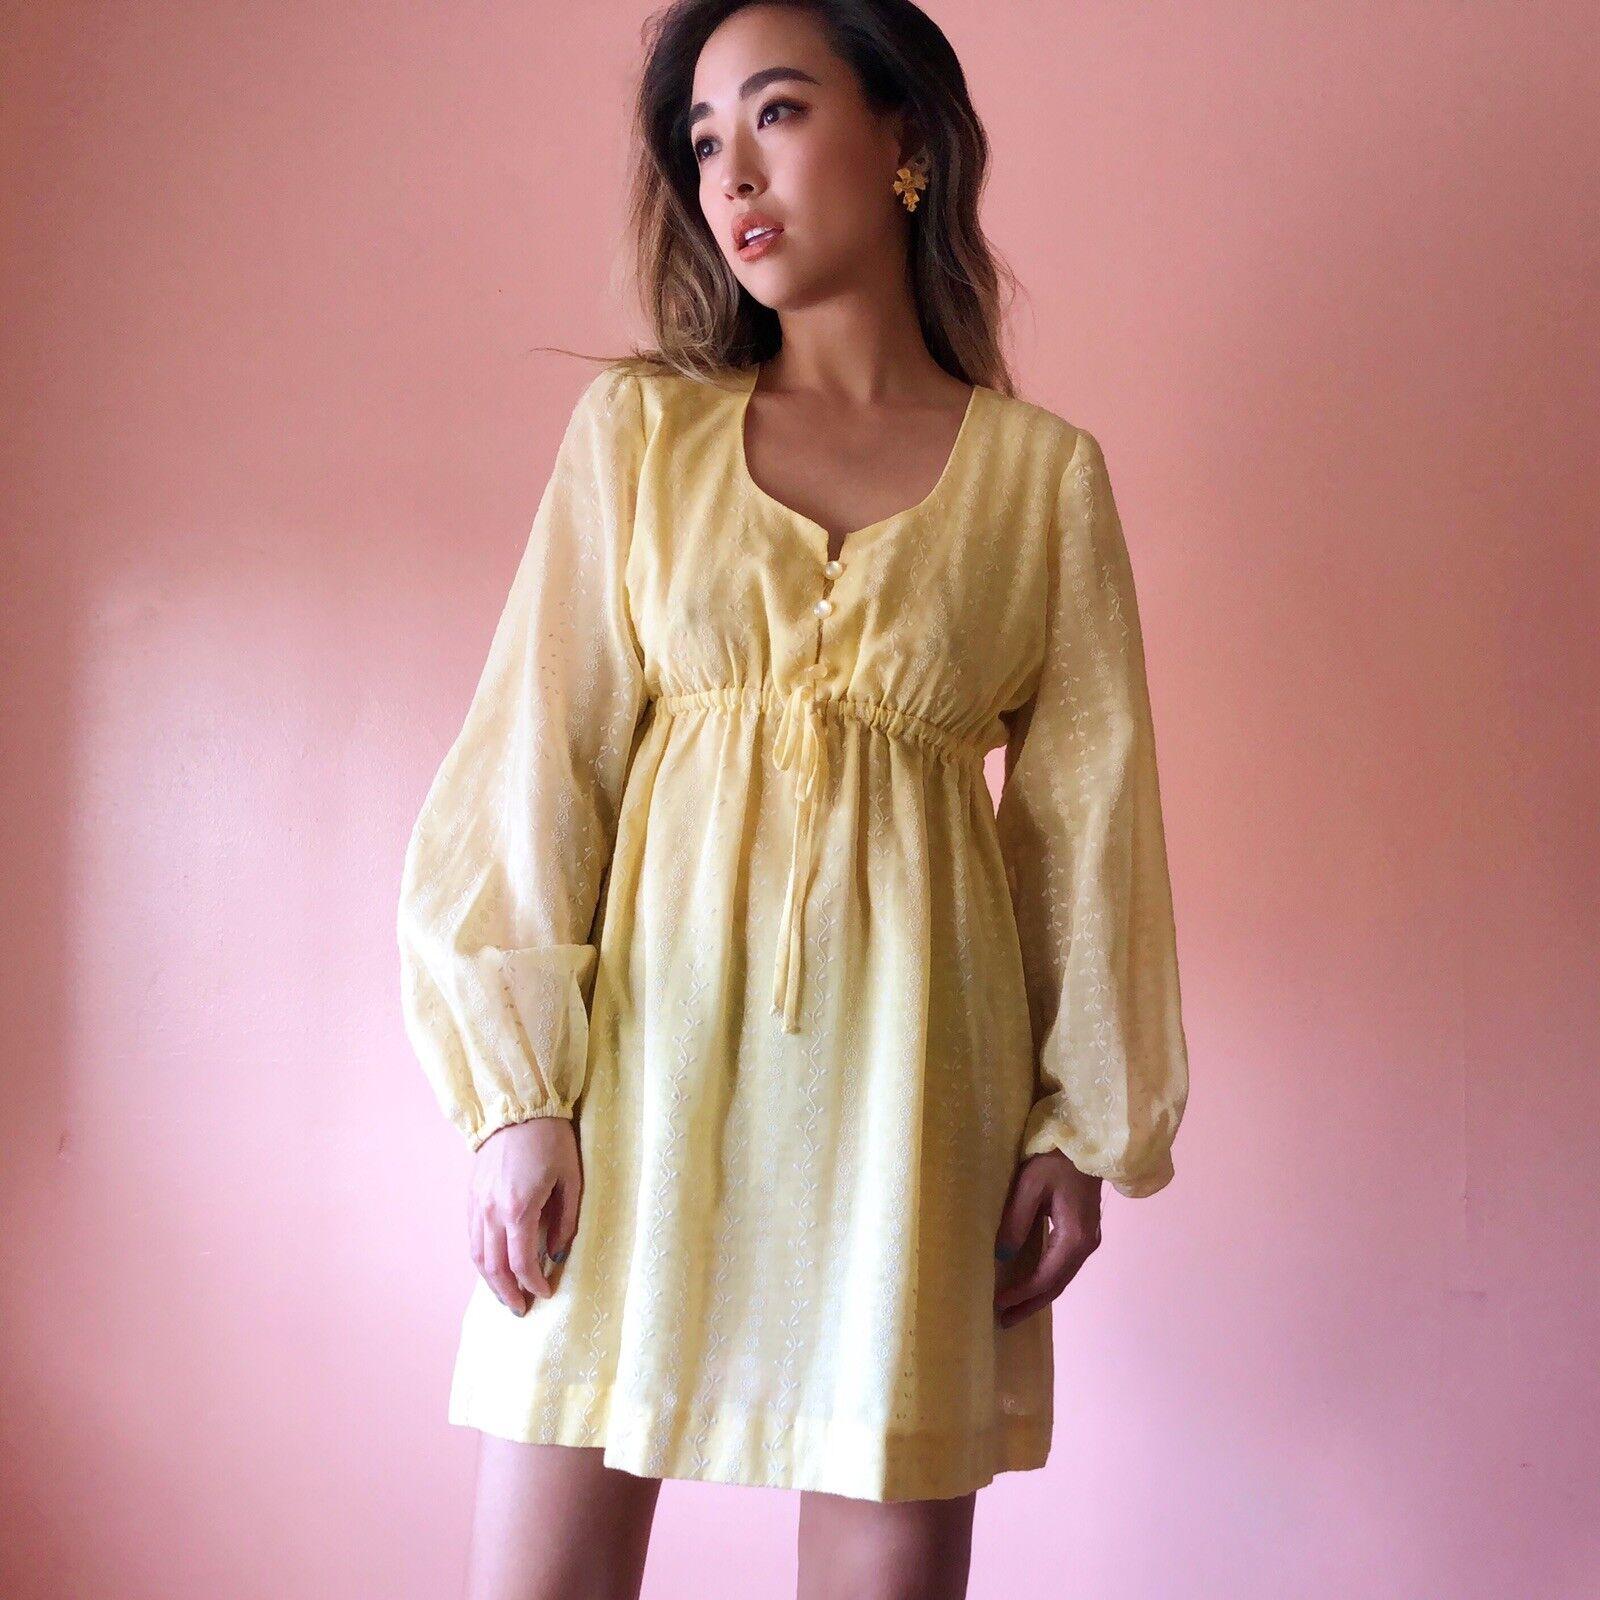 Vintage Sunshine Embroidered Mini Dress